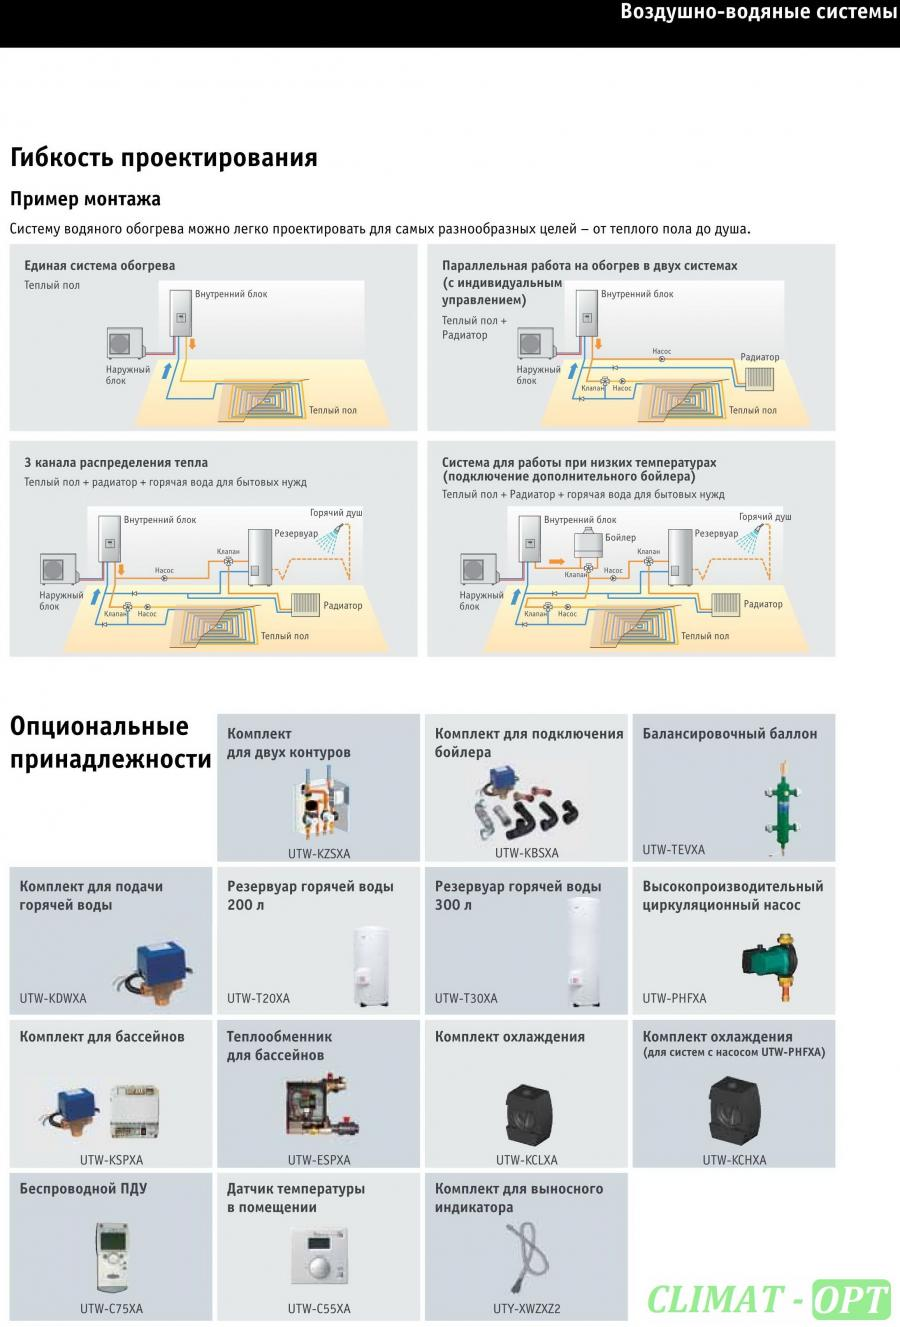 Тепловые насосы Fujitsu WaterStage HightPower с встроенным бойлером на 190 л